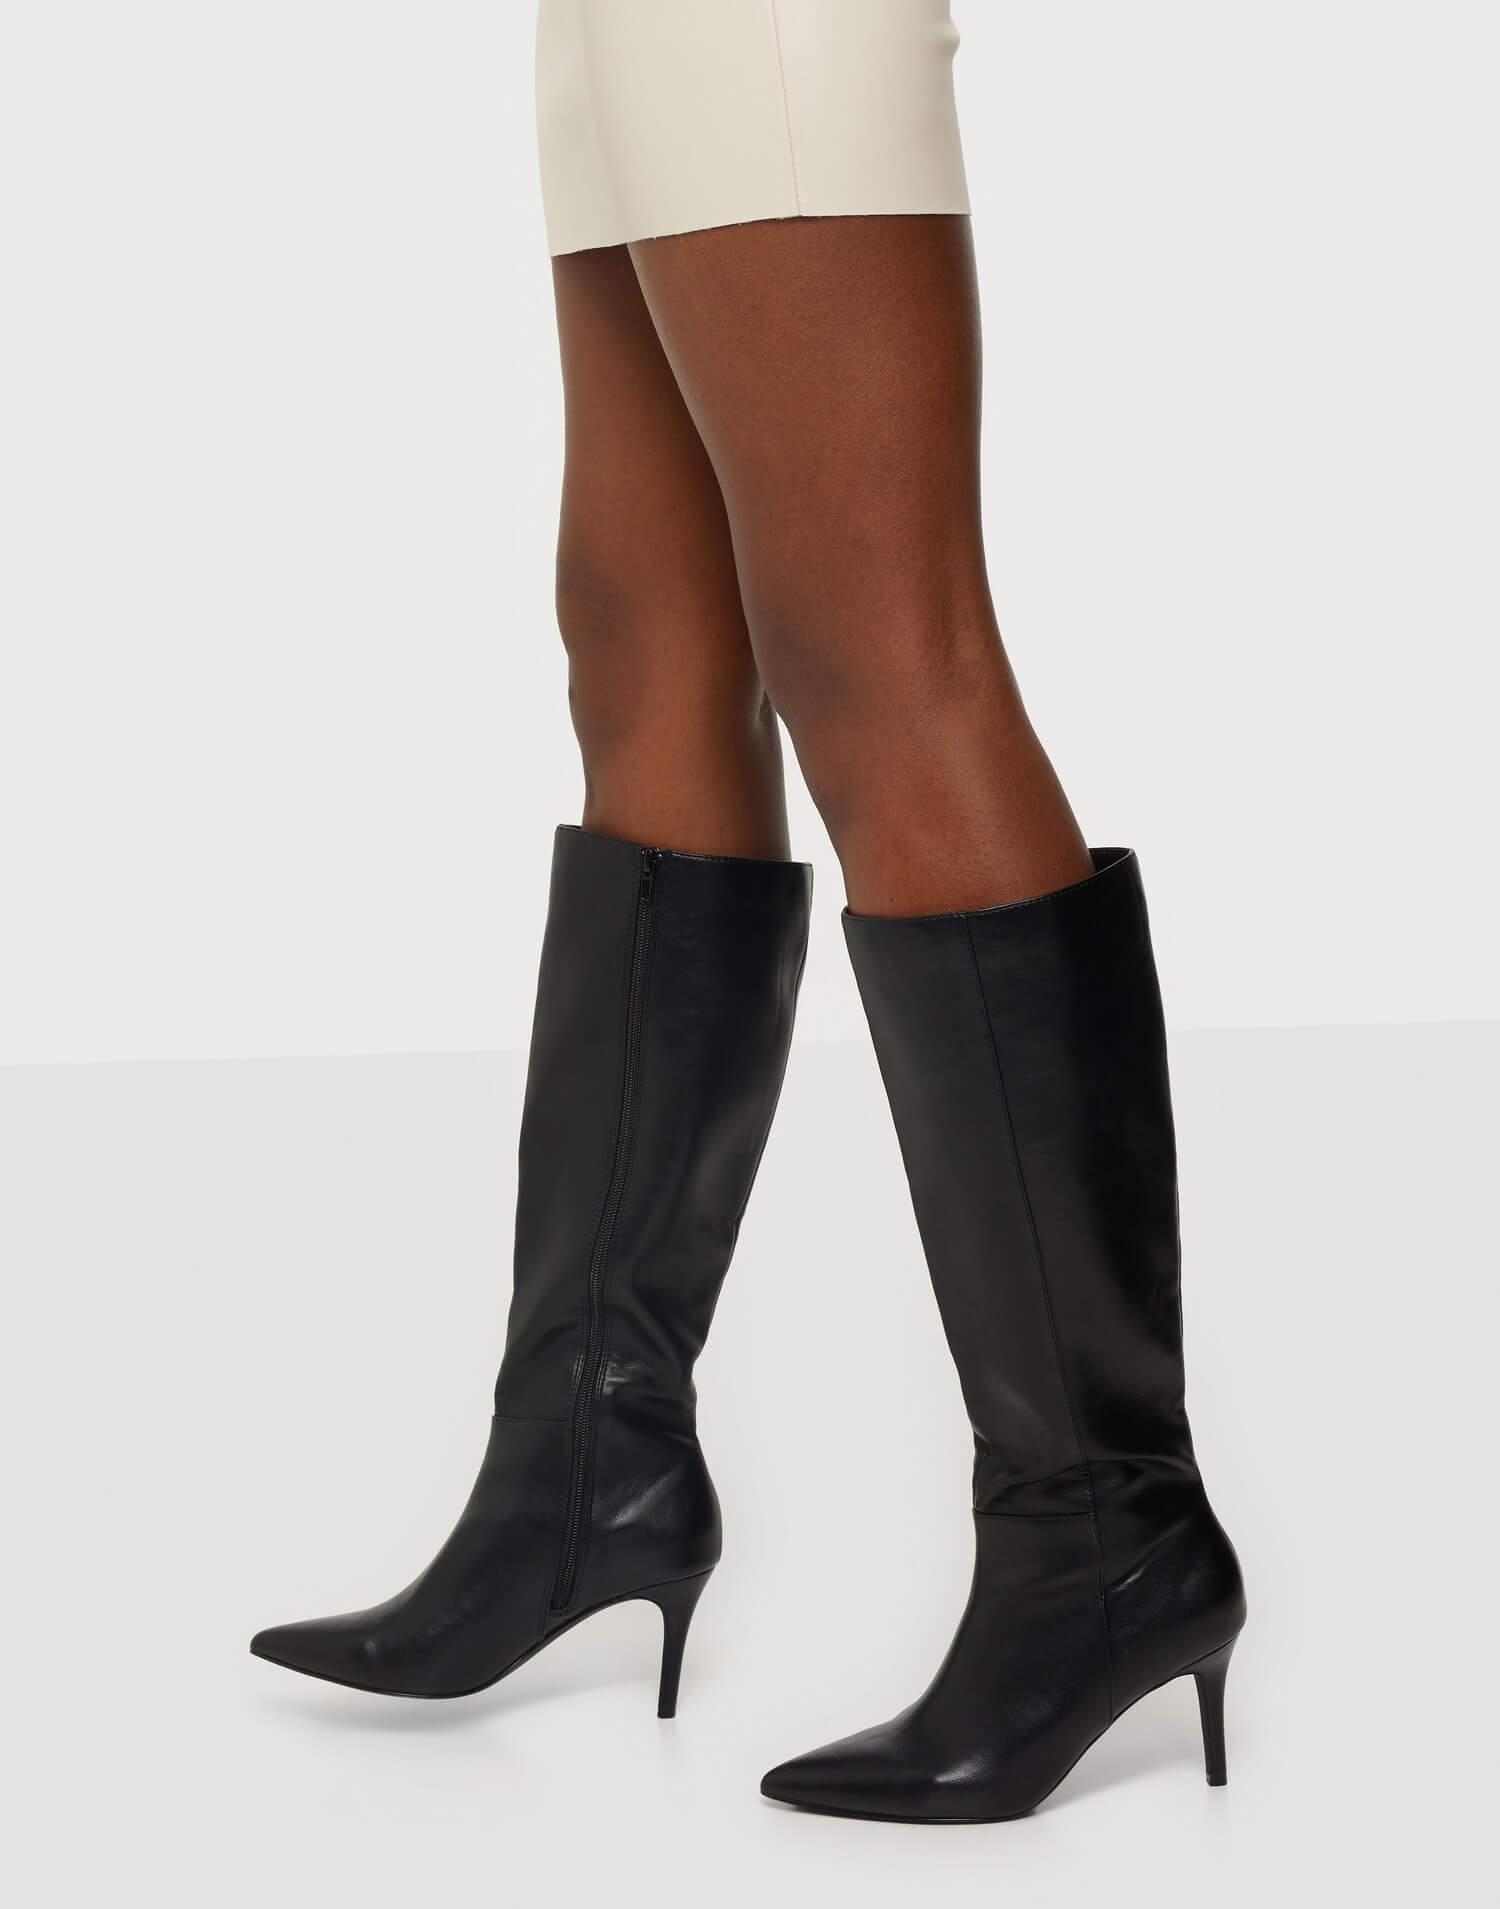 Svarta, höga stövletter från NLY Shoes i läderimitation med låg stilettklack.